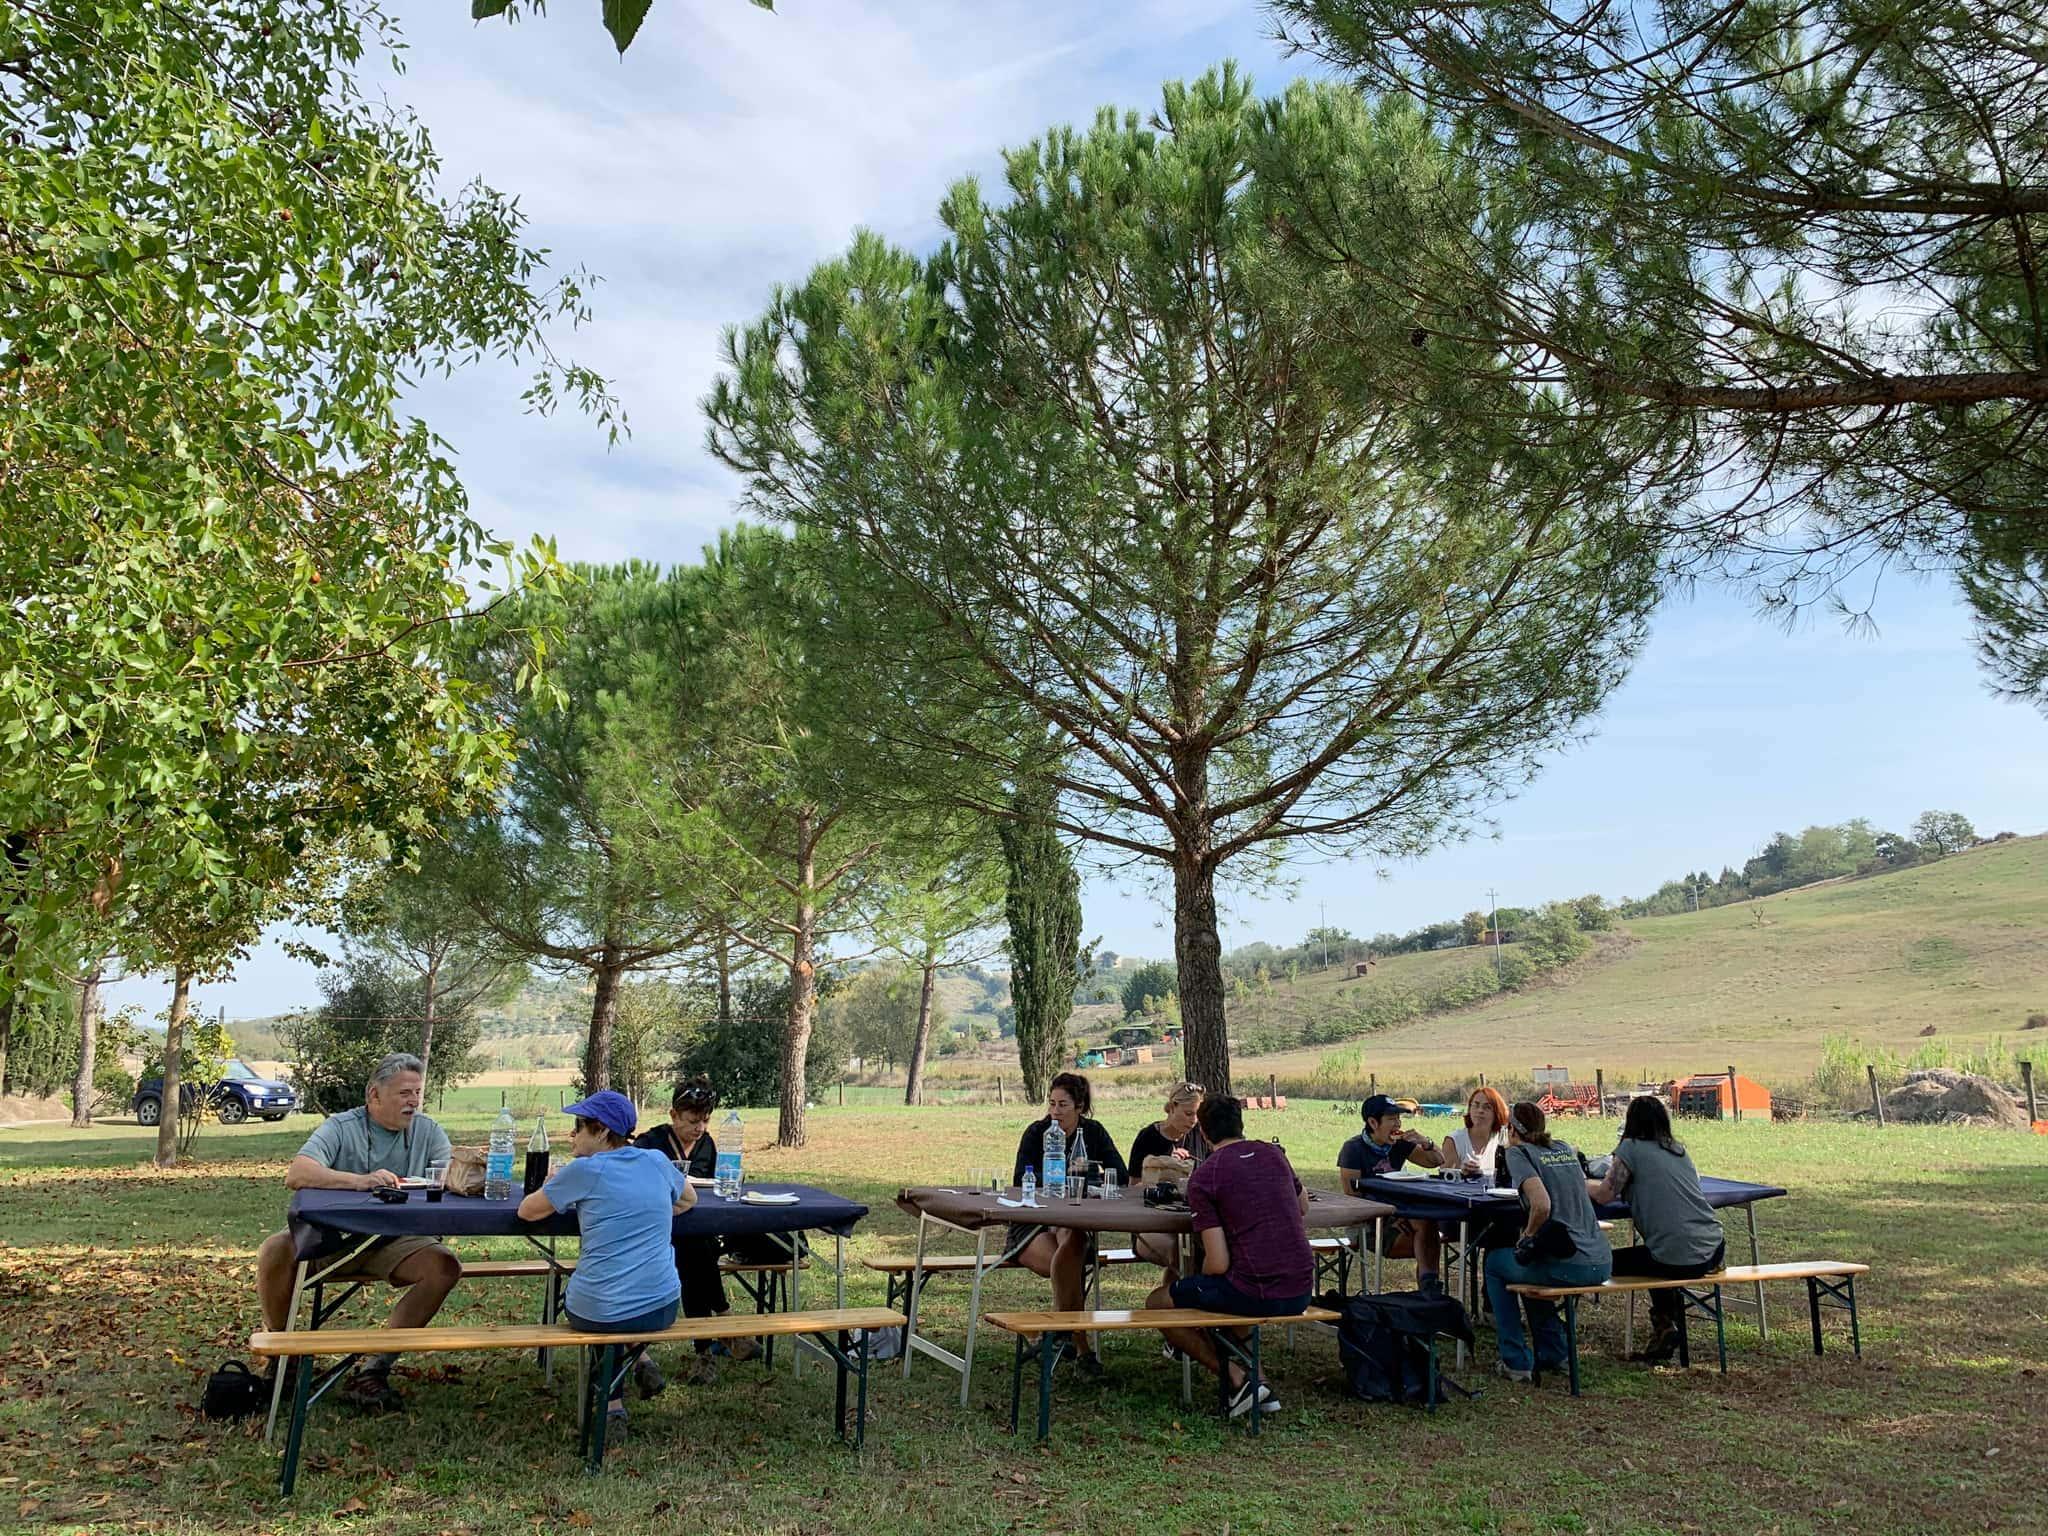 Organic farm in Tuscany, Italy